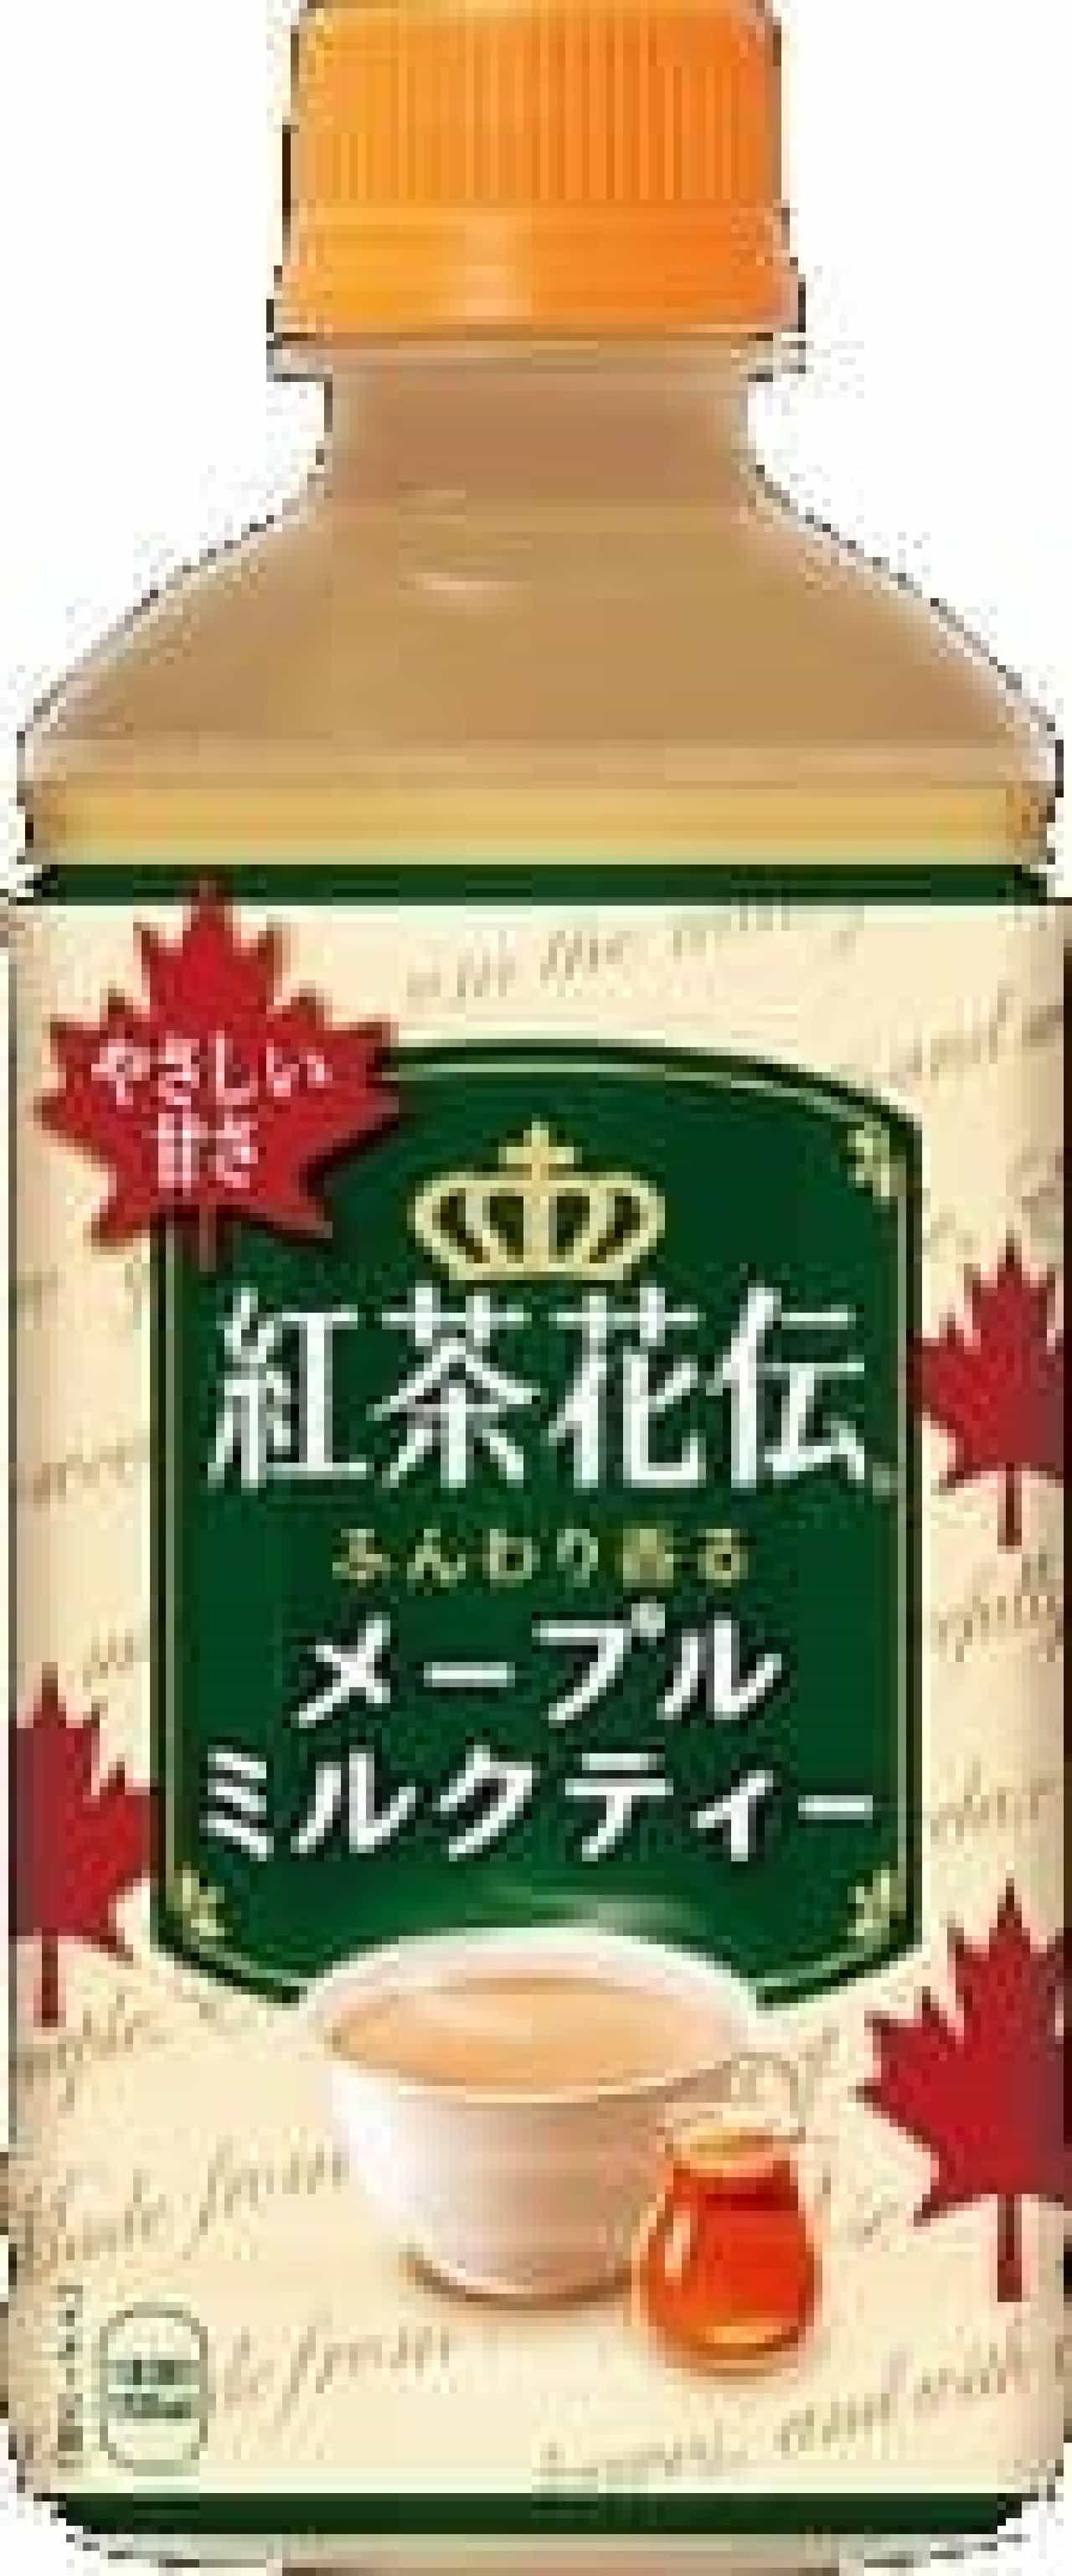 ファミリーマート、サークルK、サンクス限定「紅茶花伝 メープルミルクティー」